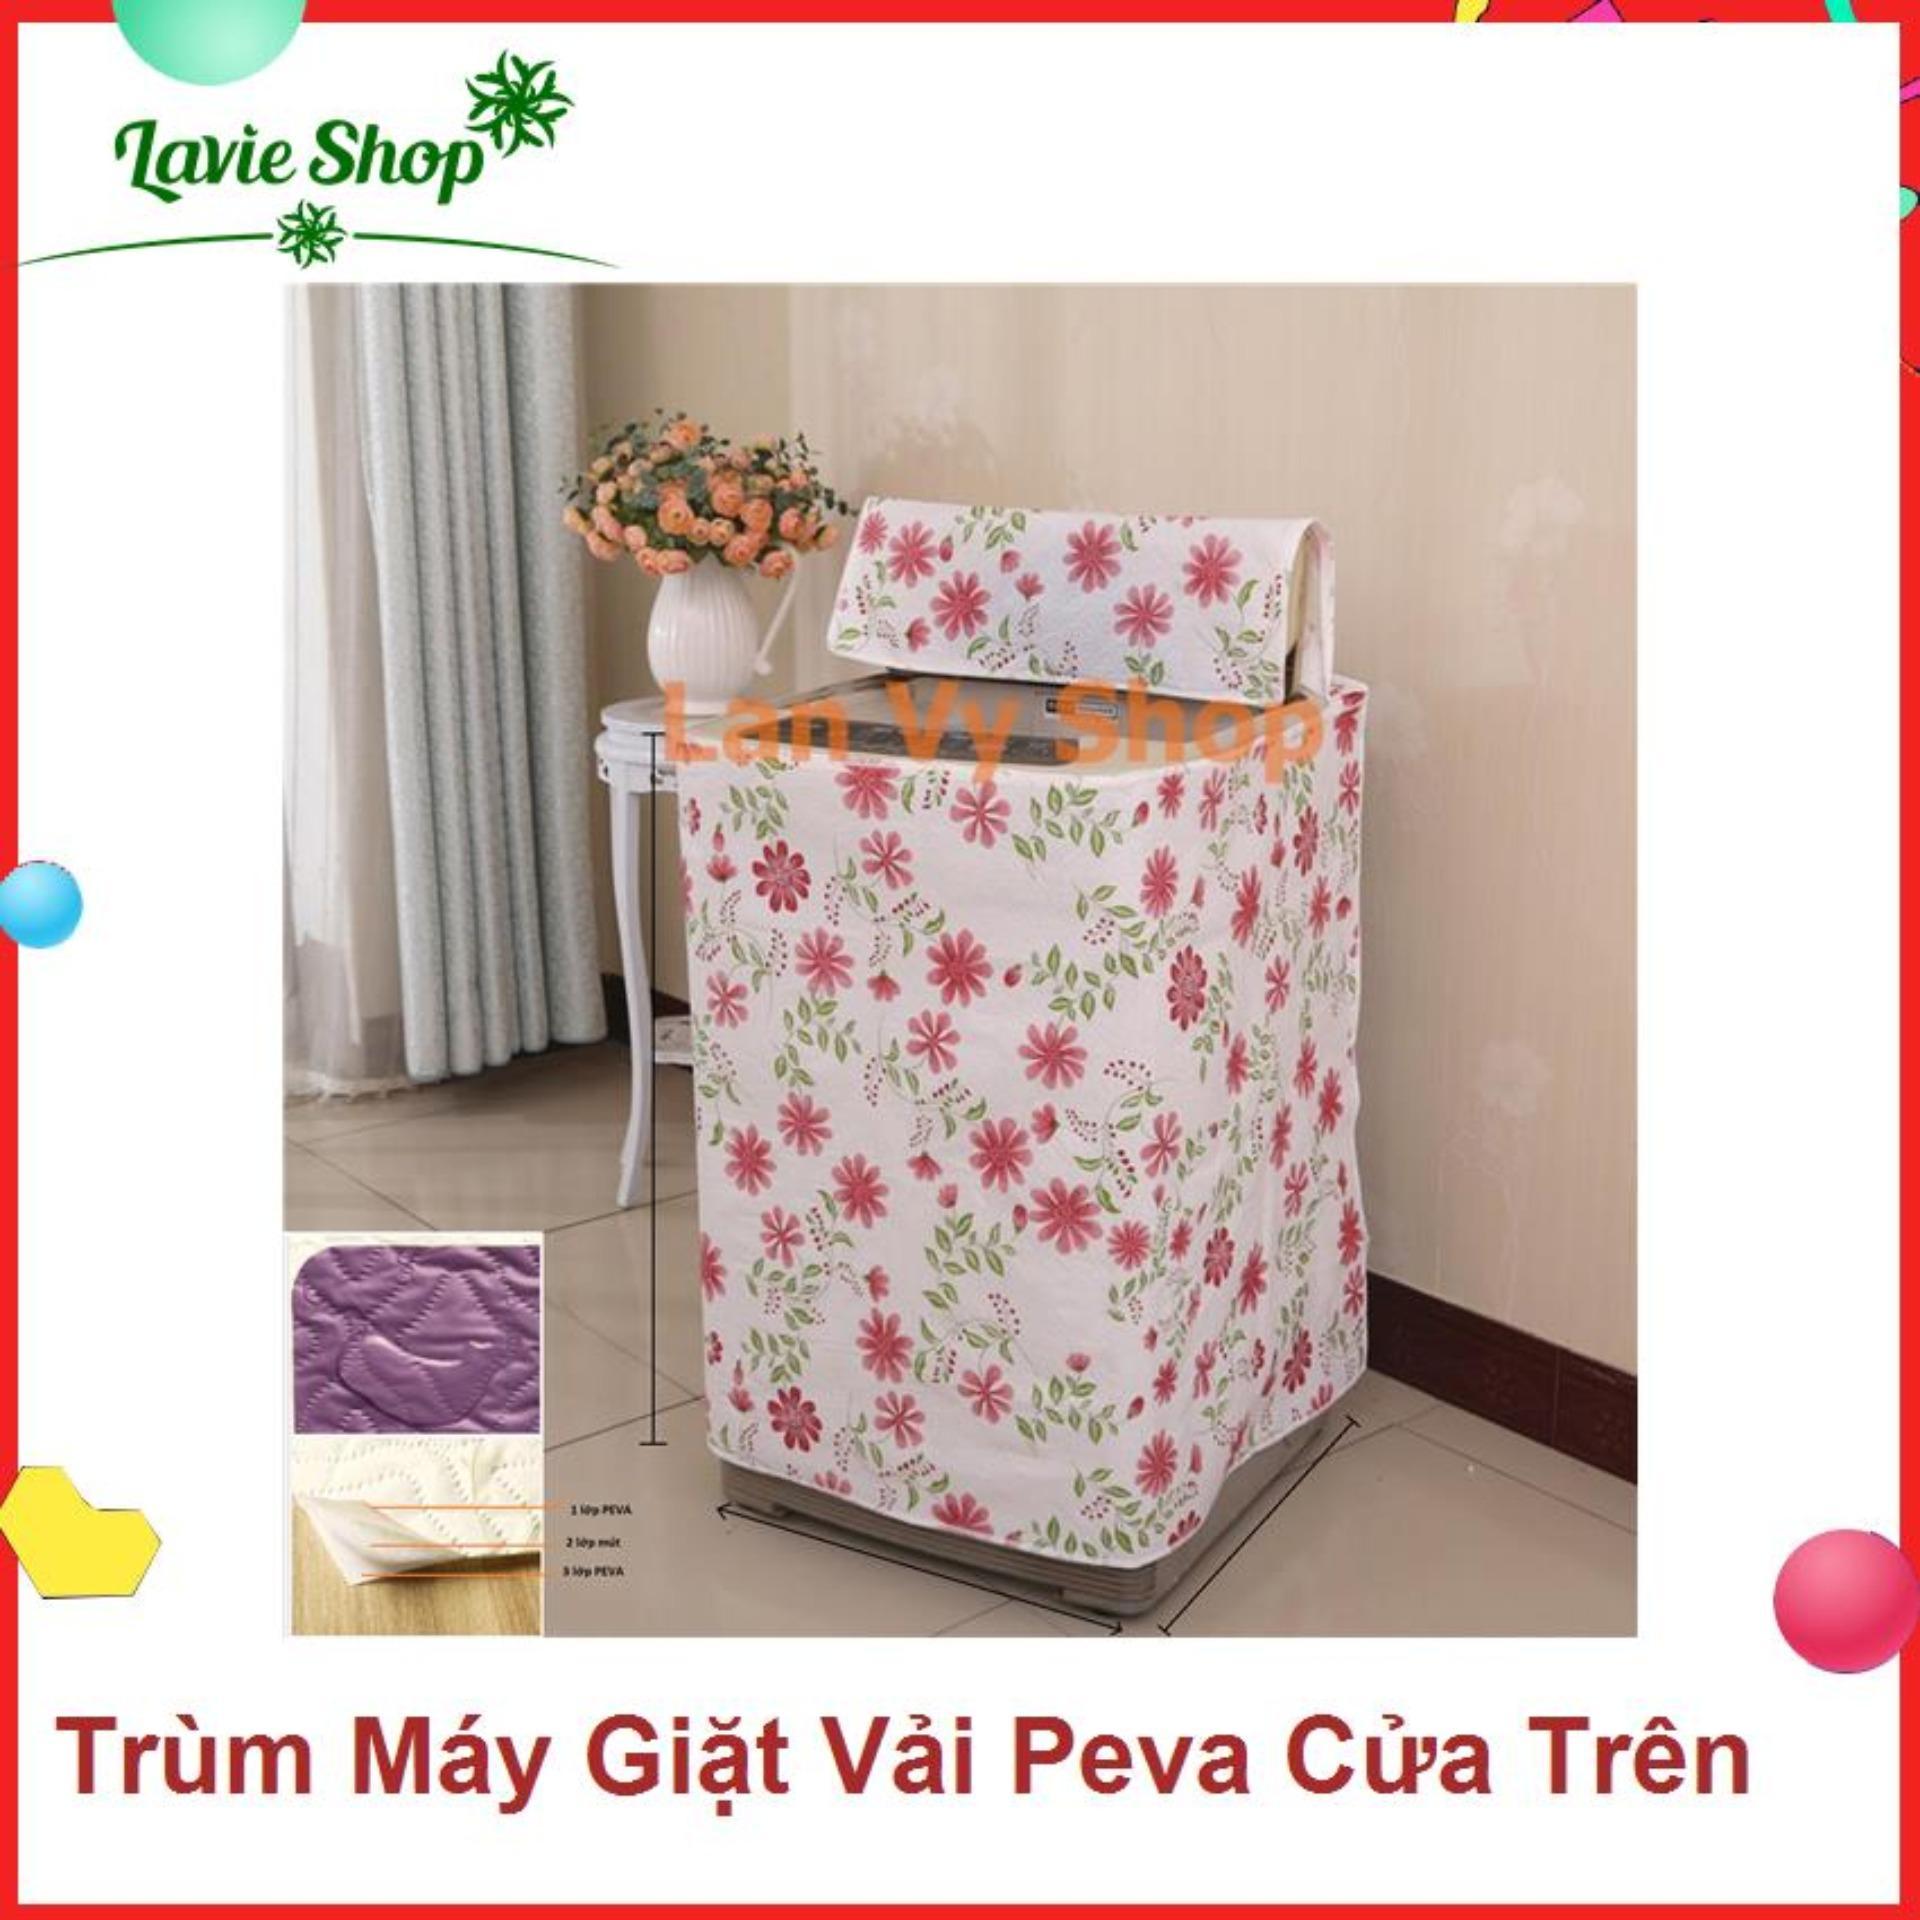 ComBo 3 Áo trùm máy giặt cửa Trước - vải PEVA 3 lớp - từ 9-10kg - mẫu ngẫu nhiên - Mjễn phj vận chuyển toàn quốc